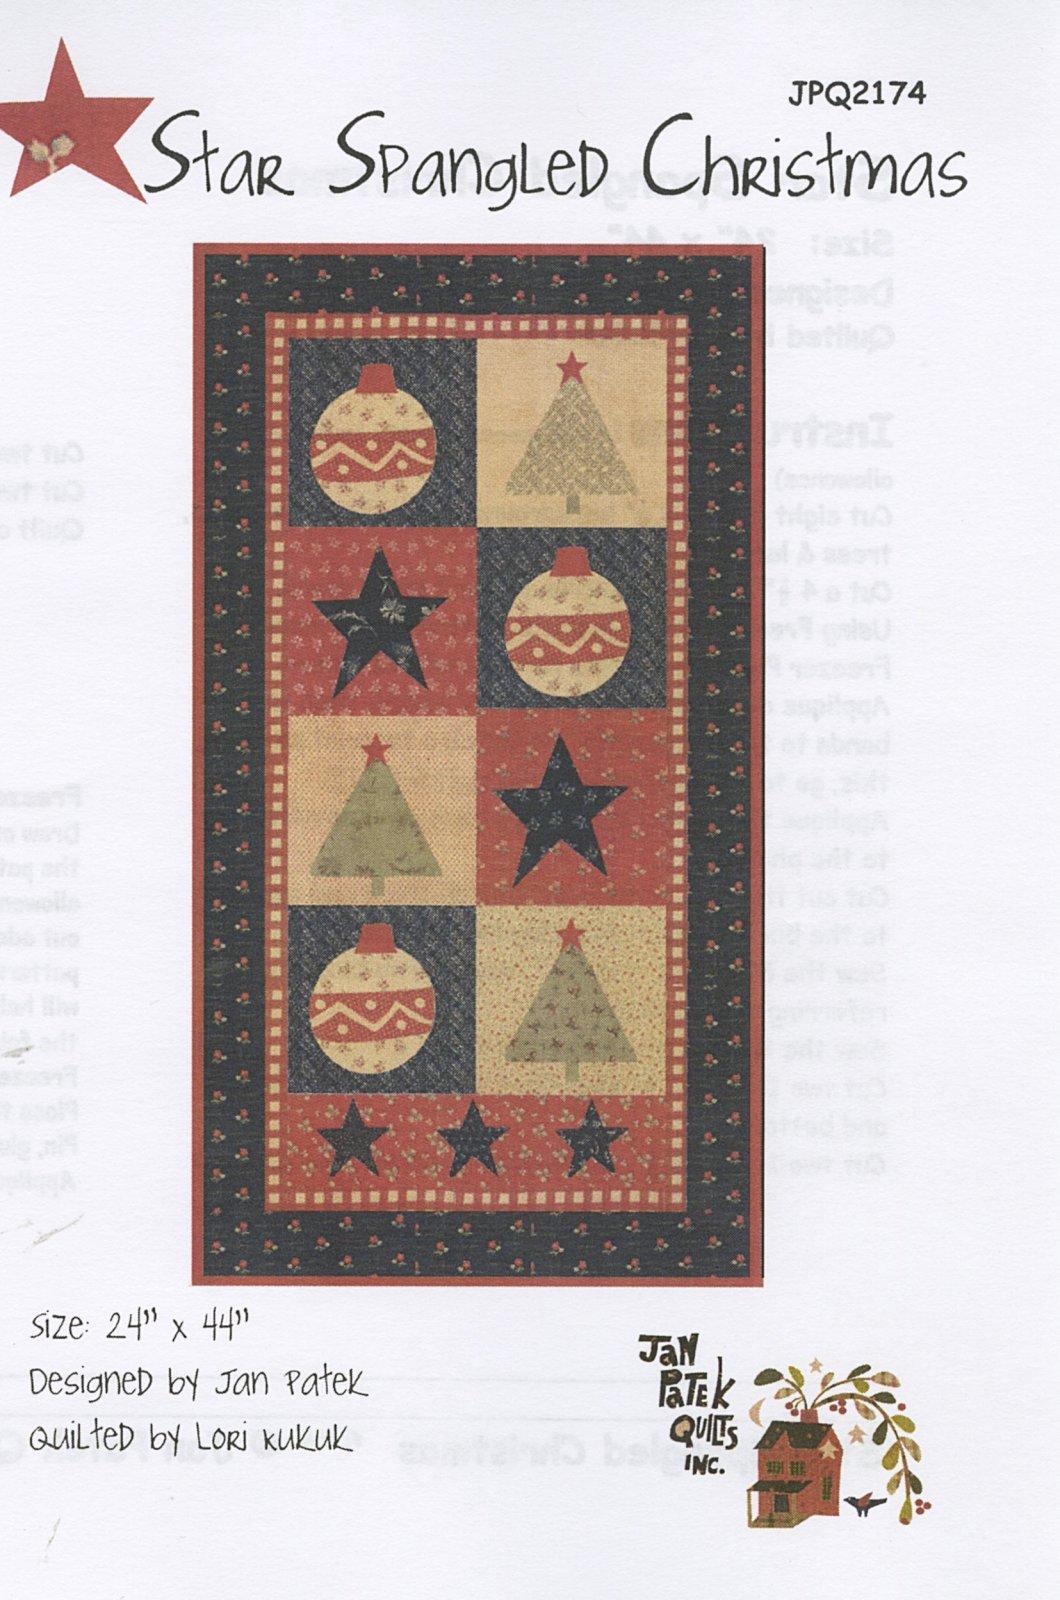 Star Spangled Christmas